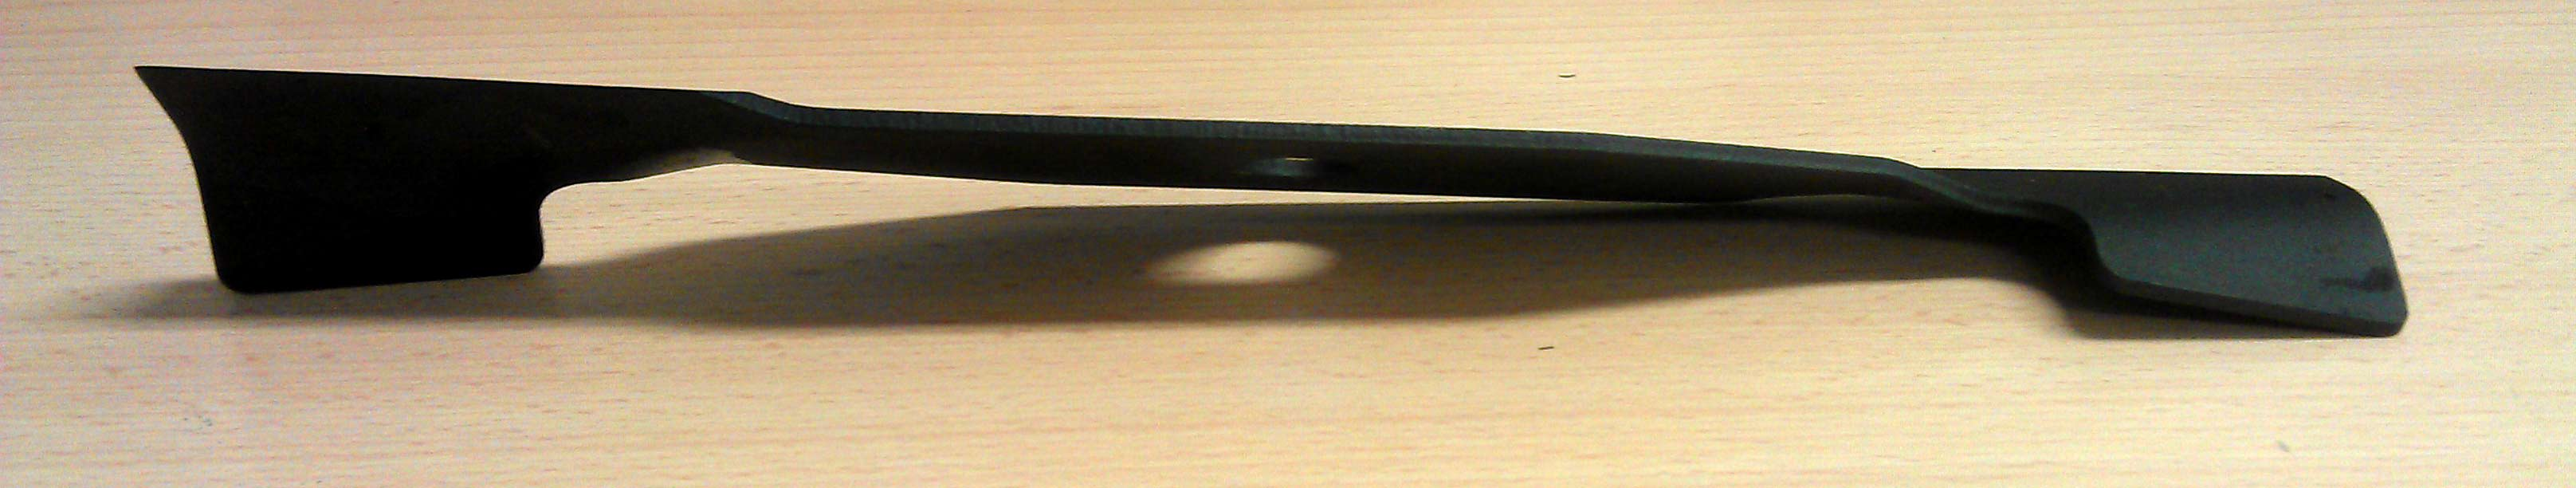 AL-KO 34 E nůž sekačky silver